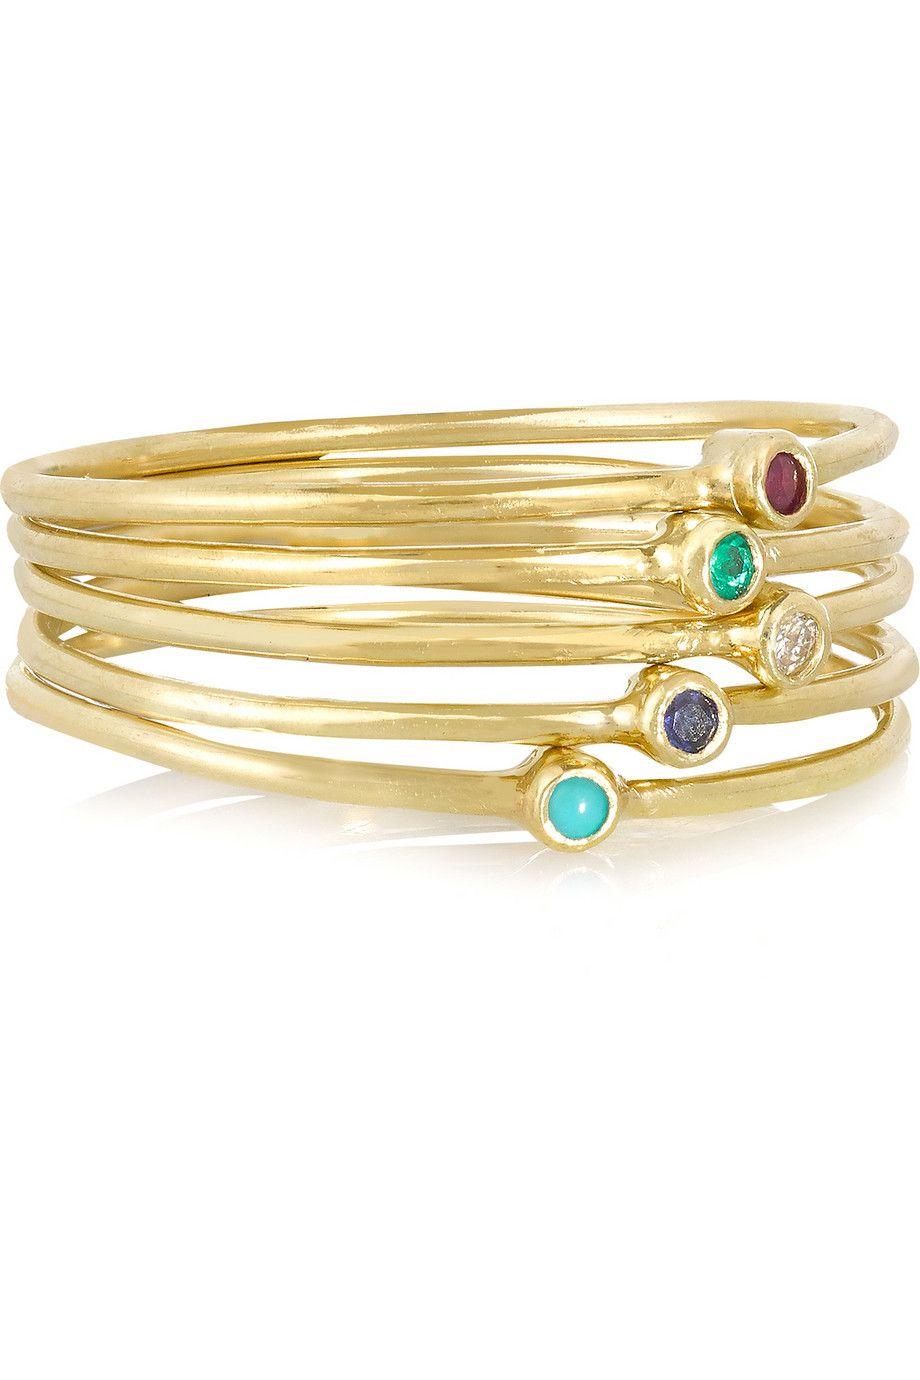 Jennifer Meyer 18-karat Gold Multi-stone Ring 4TFL9V